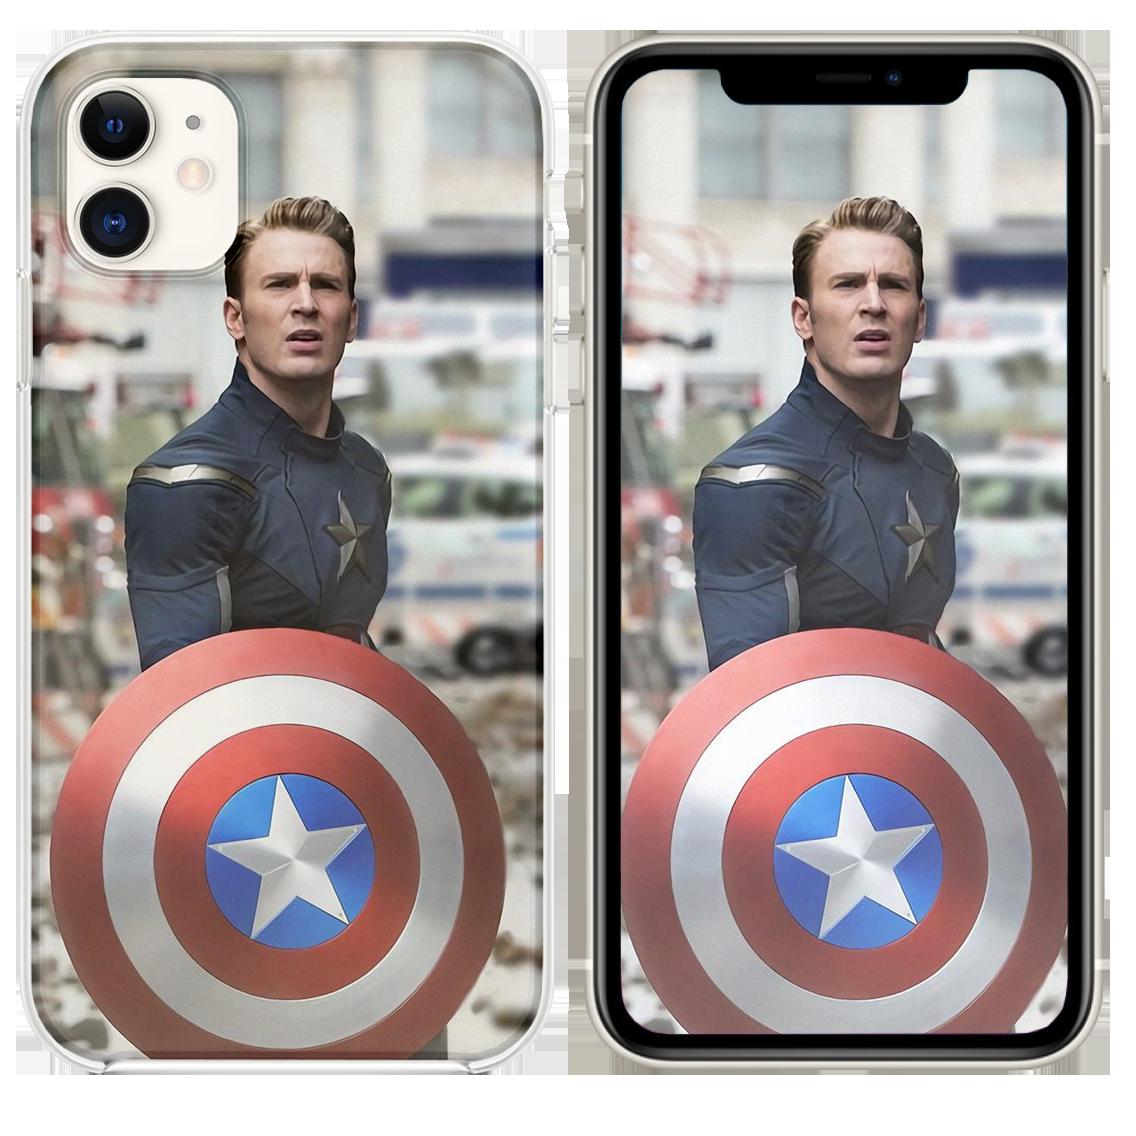 Captain America Tony Stark Antman In Avengers Endg Iphone 11 Case